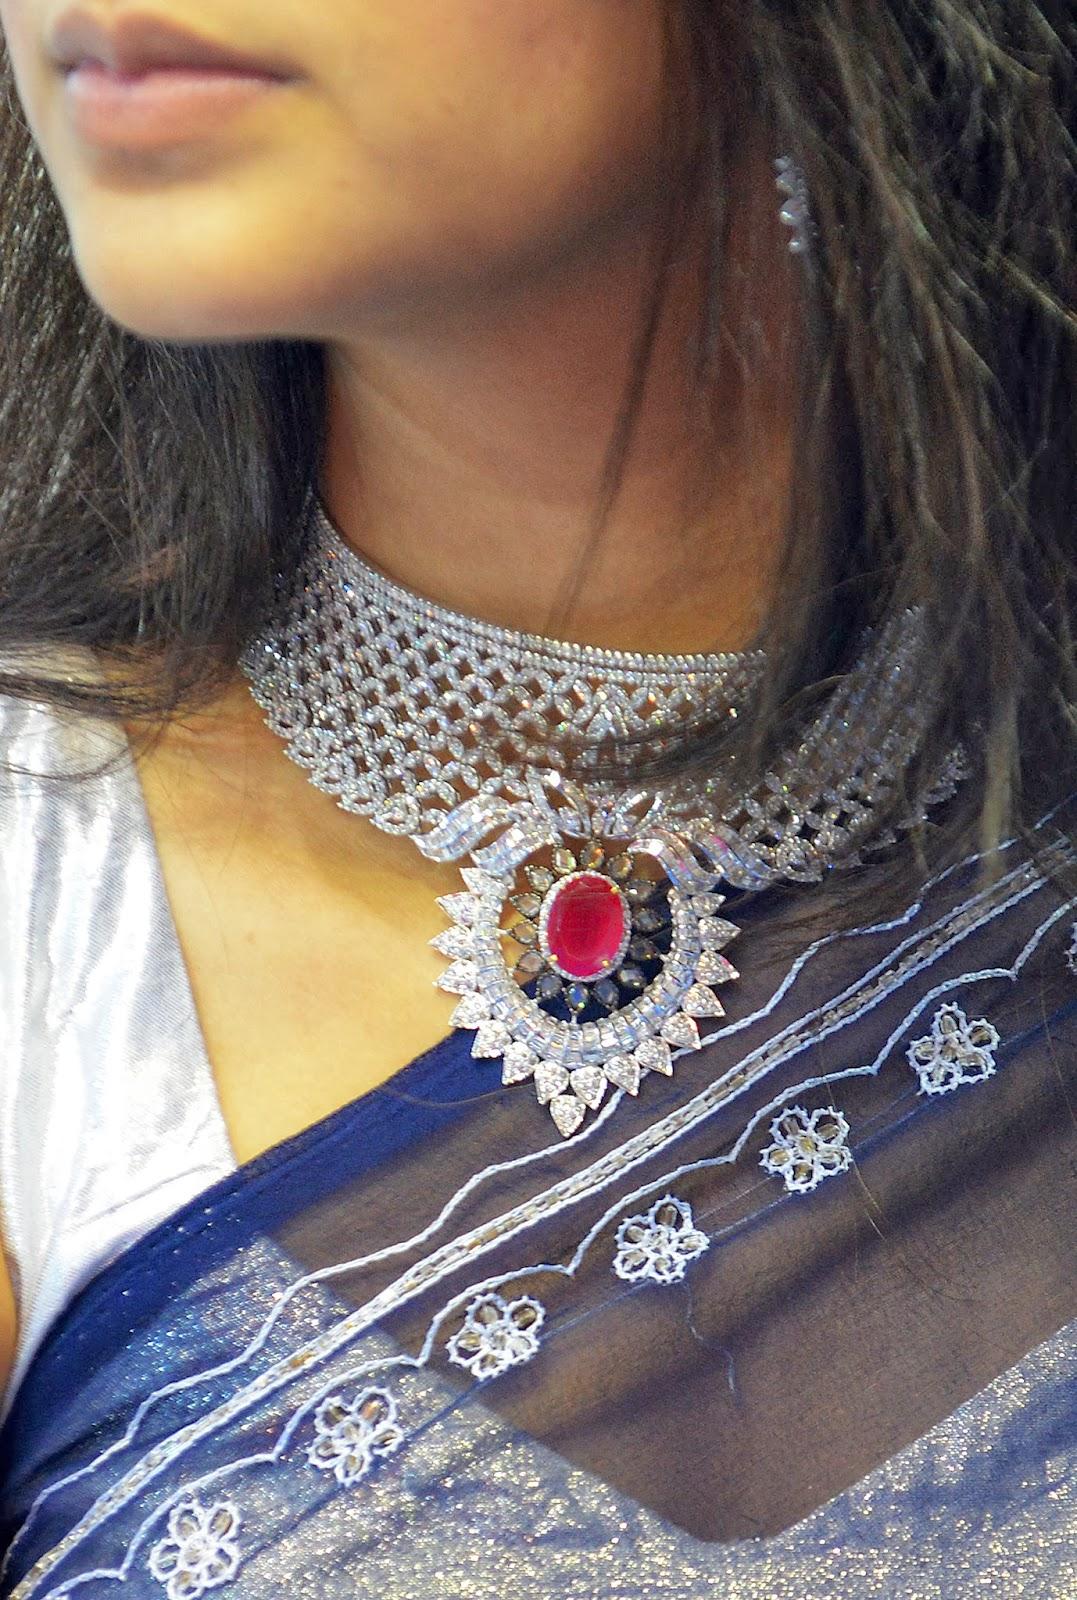 B2B Jewellery and Gem Fair, Business, Diamond, Economy, Fair, Fashion, Gem Fair, India, Jewellery, Jewellery Fair, Necklace, New Delhi,